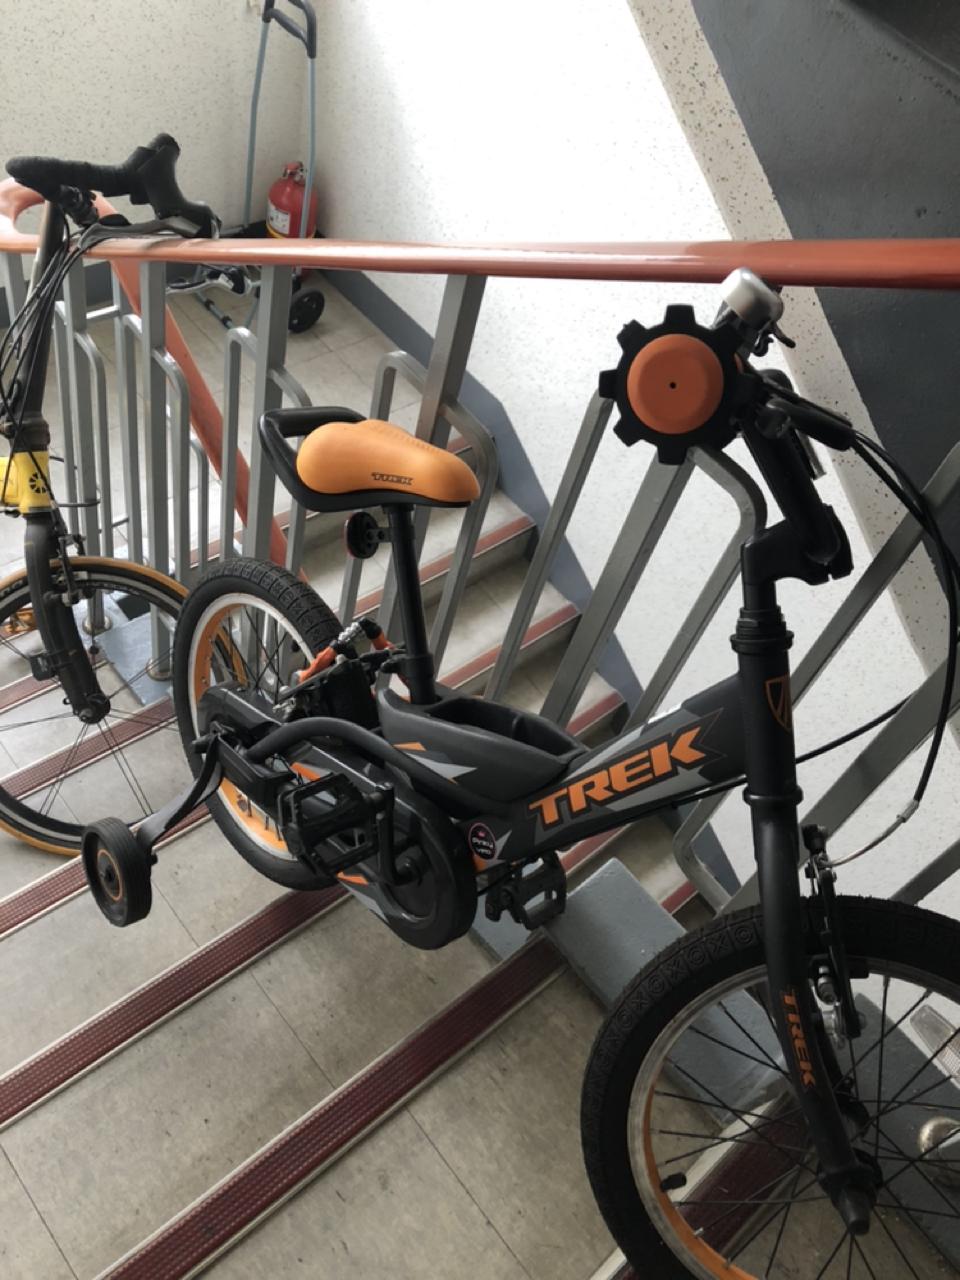 트렉자전거